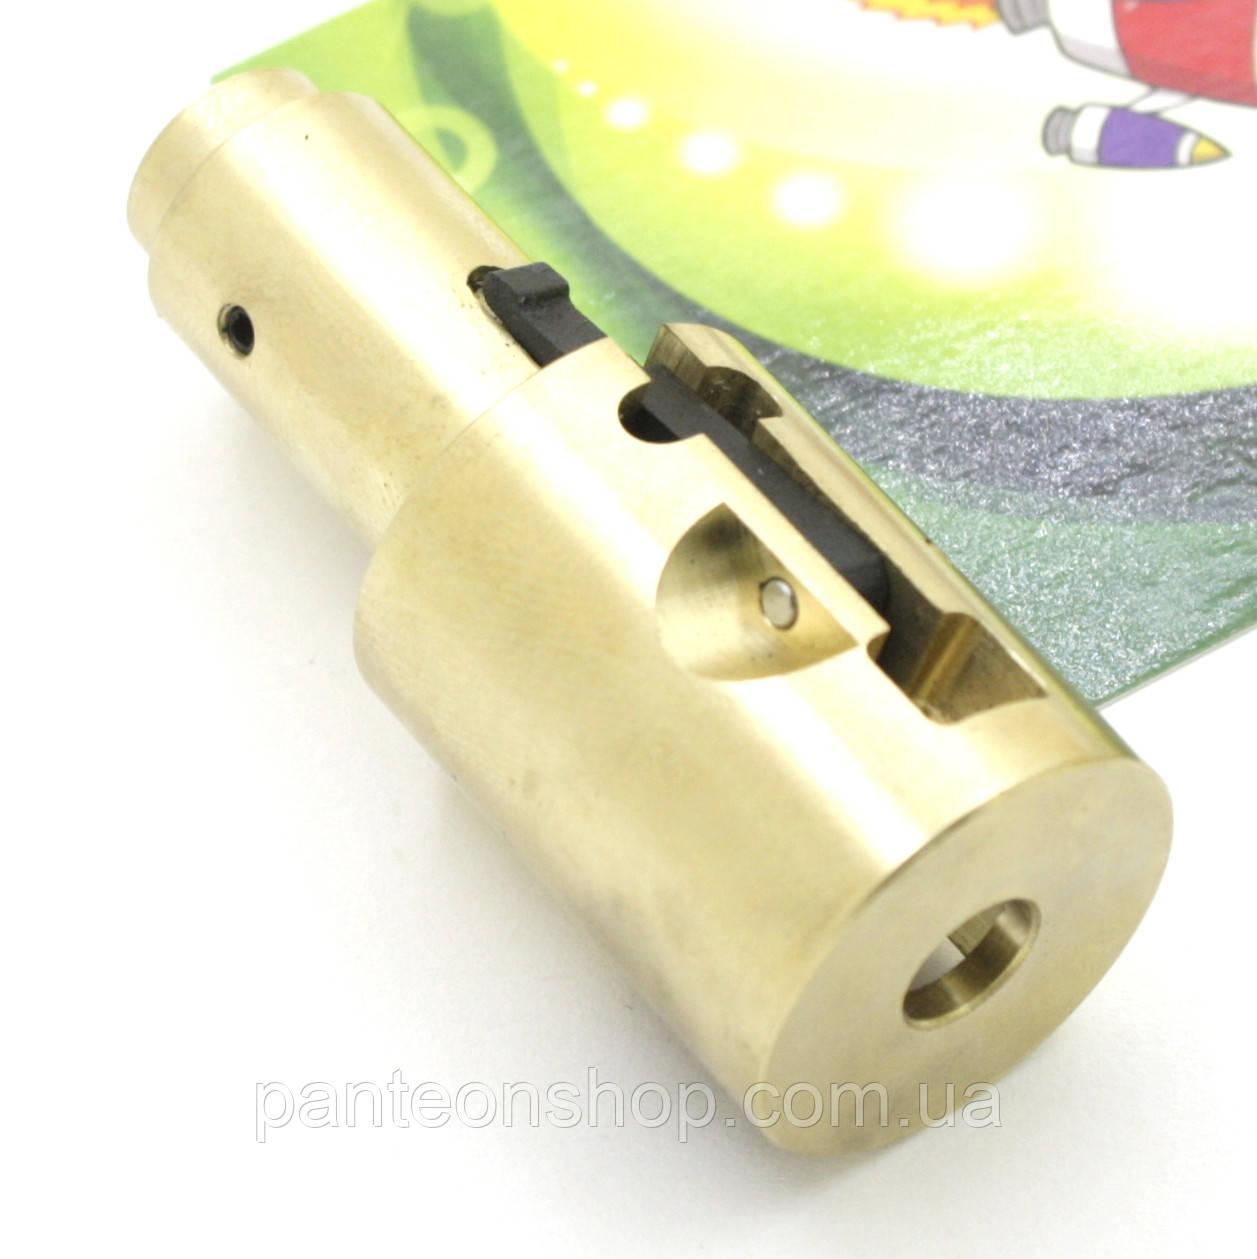 Rocket камера хоп-апу для L96 та APS алюмінієва